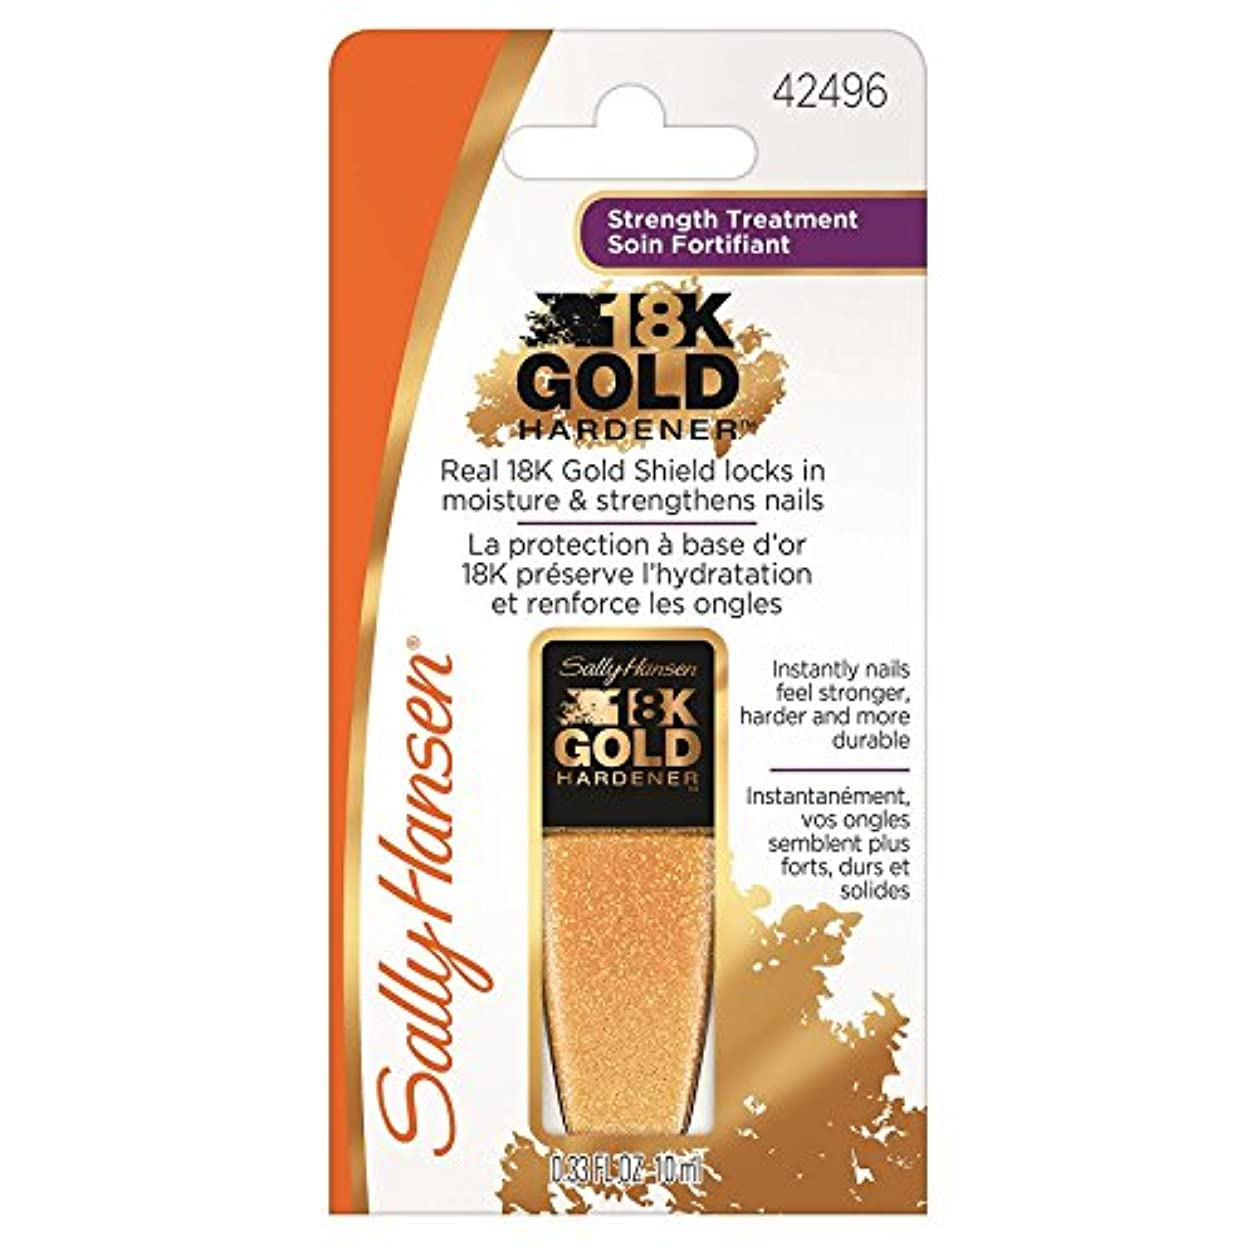 受け取る不毛心理学SALLY HANSEN 18K Gold Nail Hardener Glitter (並行輸入品)